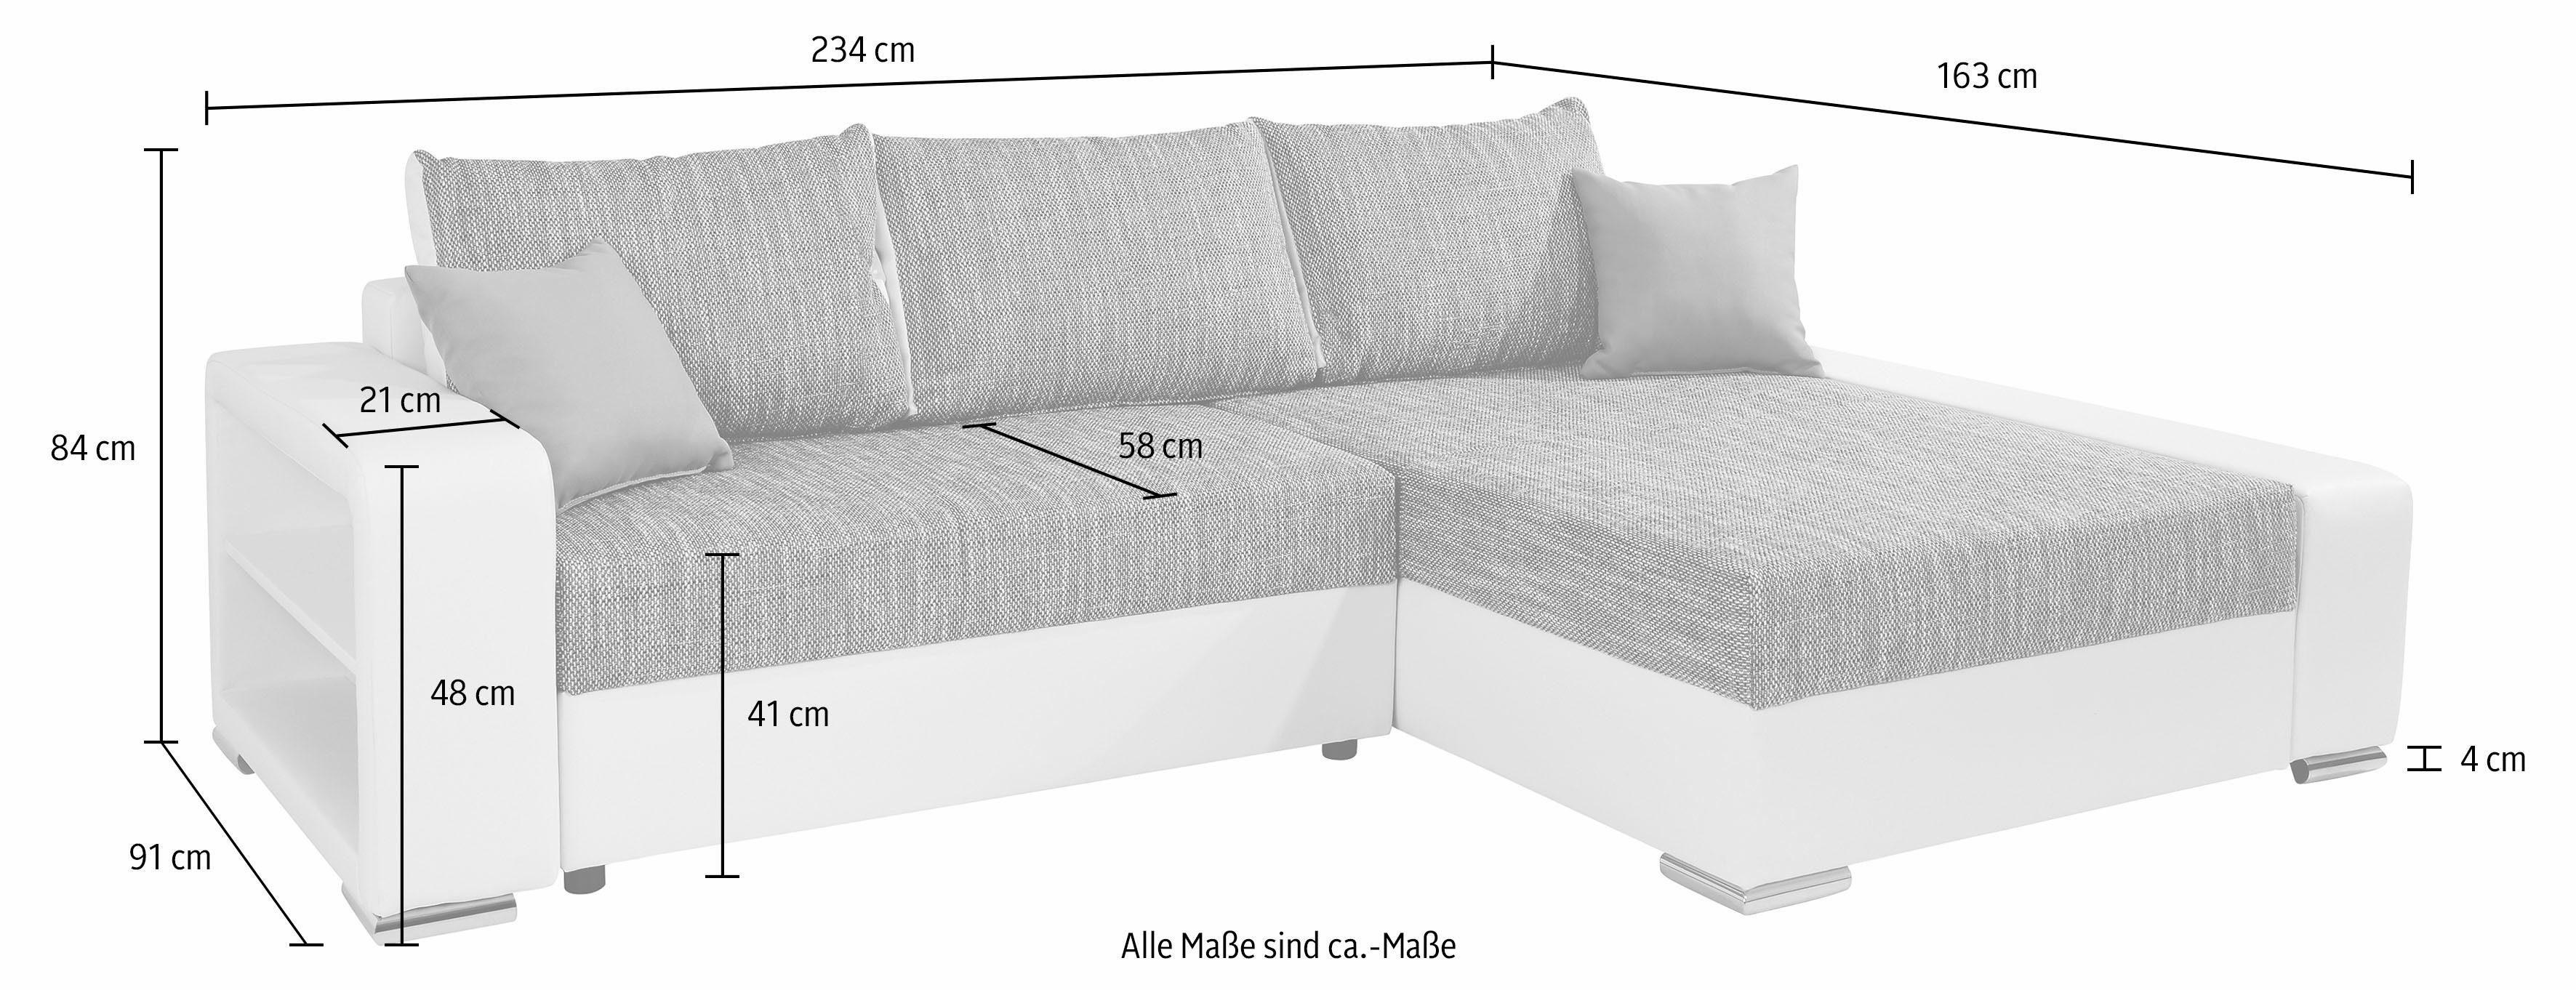 Hoekbank XL met armleuning met vakken eronder naar keuze